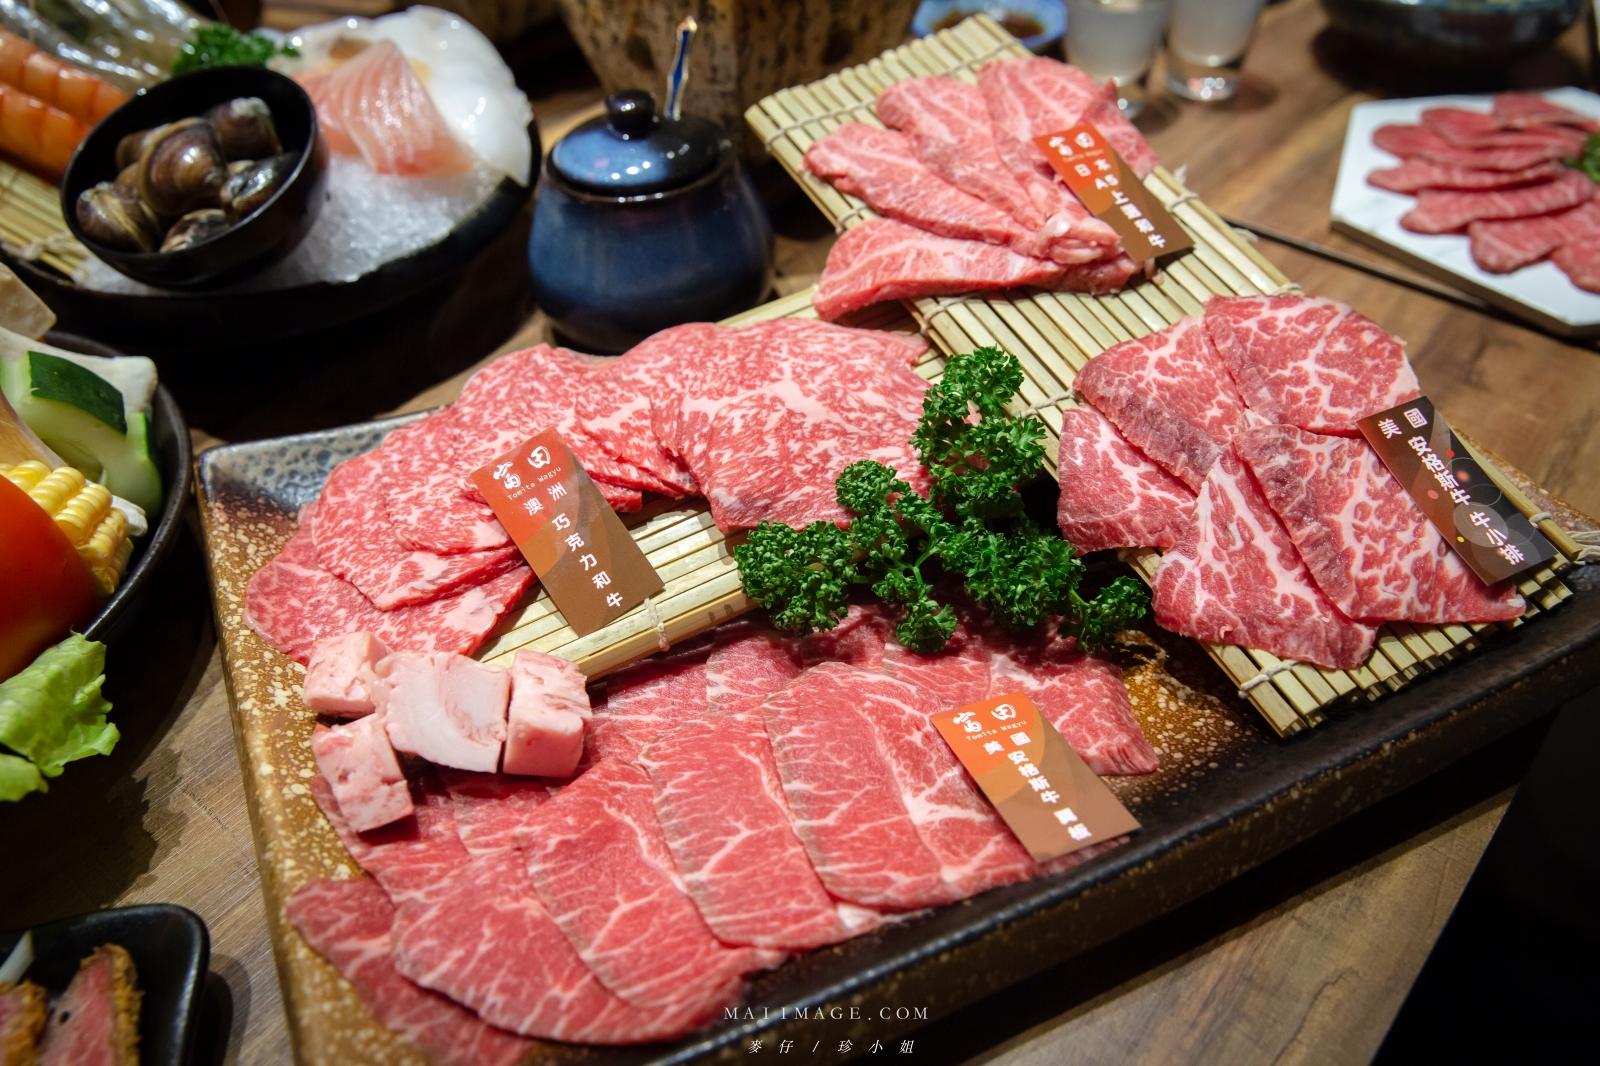 台中富田和牛燒肉,每來必點的浮誇大份量『和牛四盛合肉盤』,不傷荷包爽爽吃,台中北屯燒肉、台中燒烤、台中頂級燒肉推薦